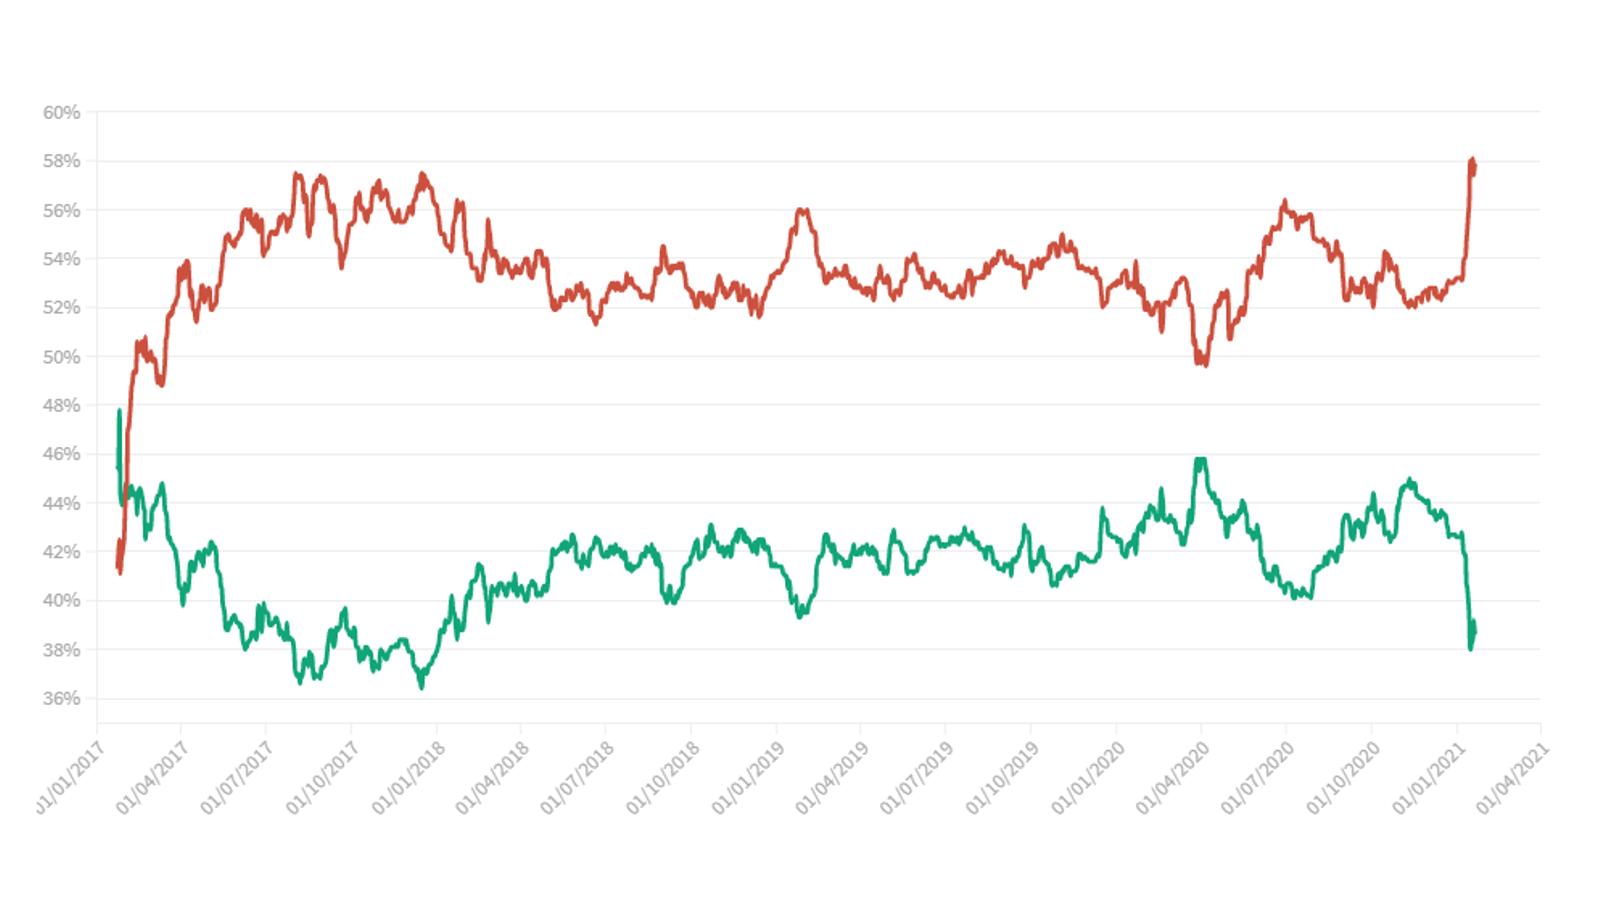 Els alts i baixos de popularitat de Trump, en 10 moments